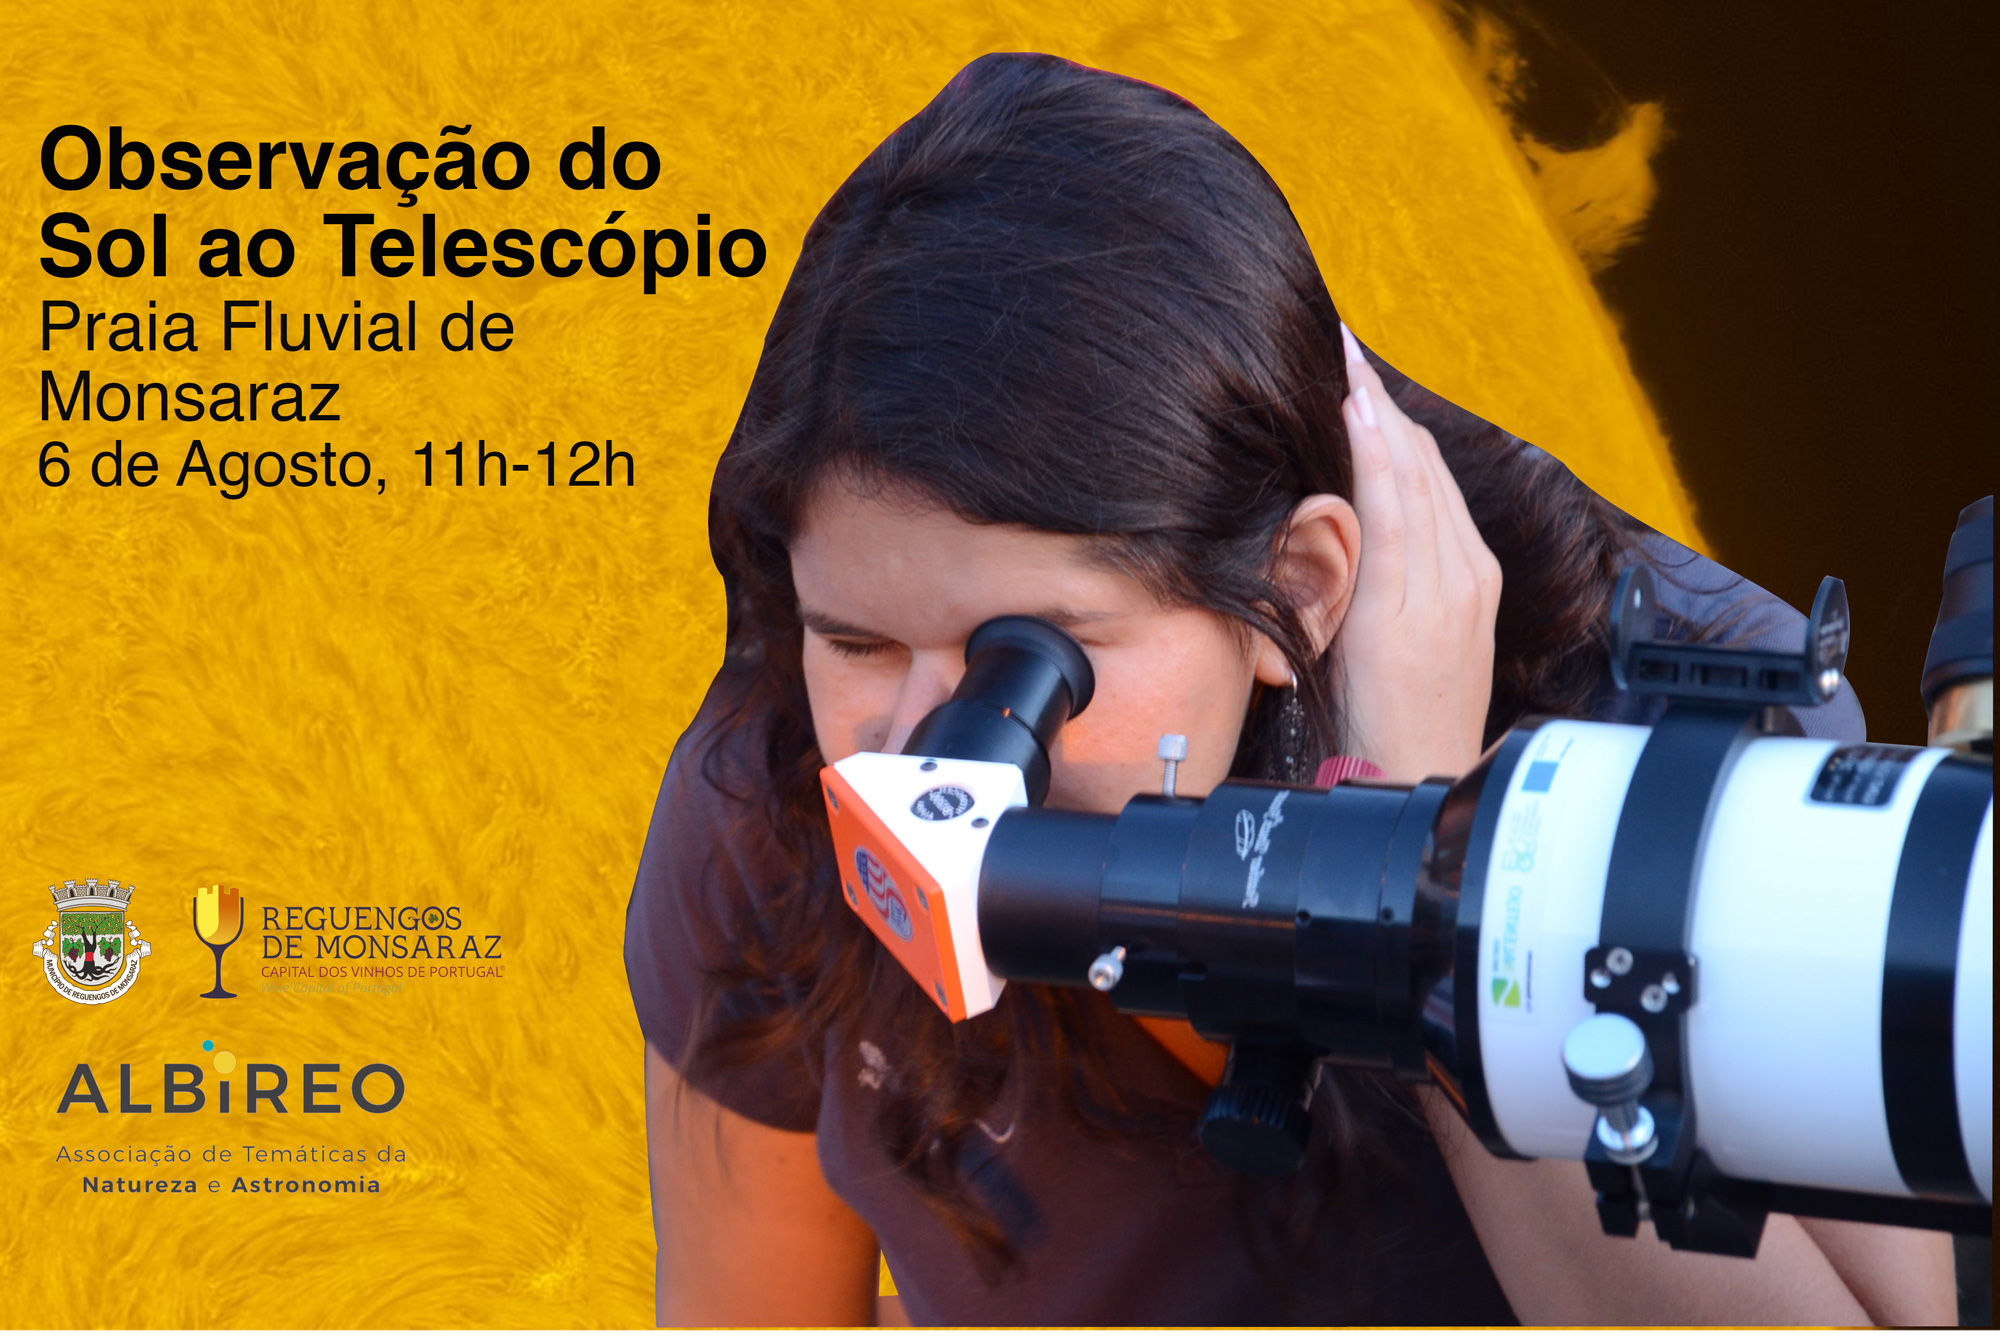 ObservaodoSolaotelescpio_1628072133